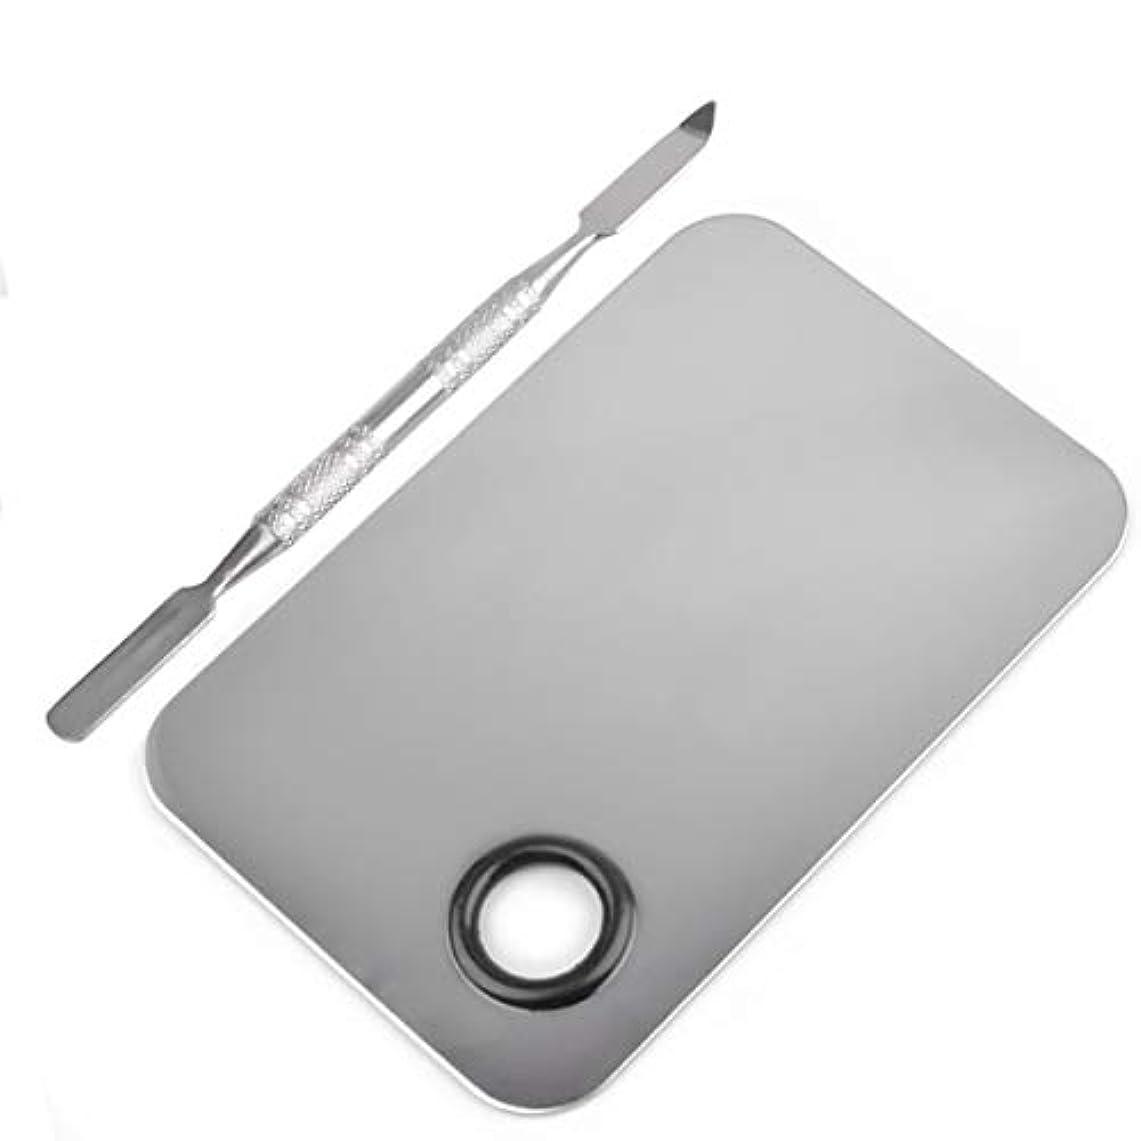 言う中世の厚い長方形の形のステンレス鋼化粧品メイクアップパレットへらツールセットネイルアート機器ツールキット美容ツール(シルバー)